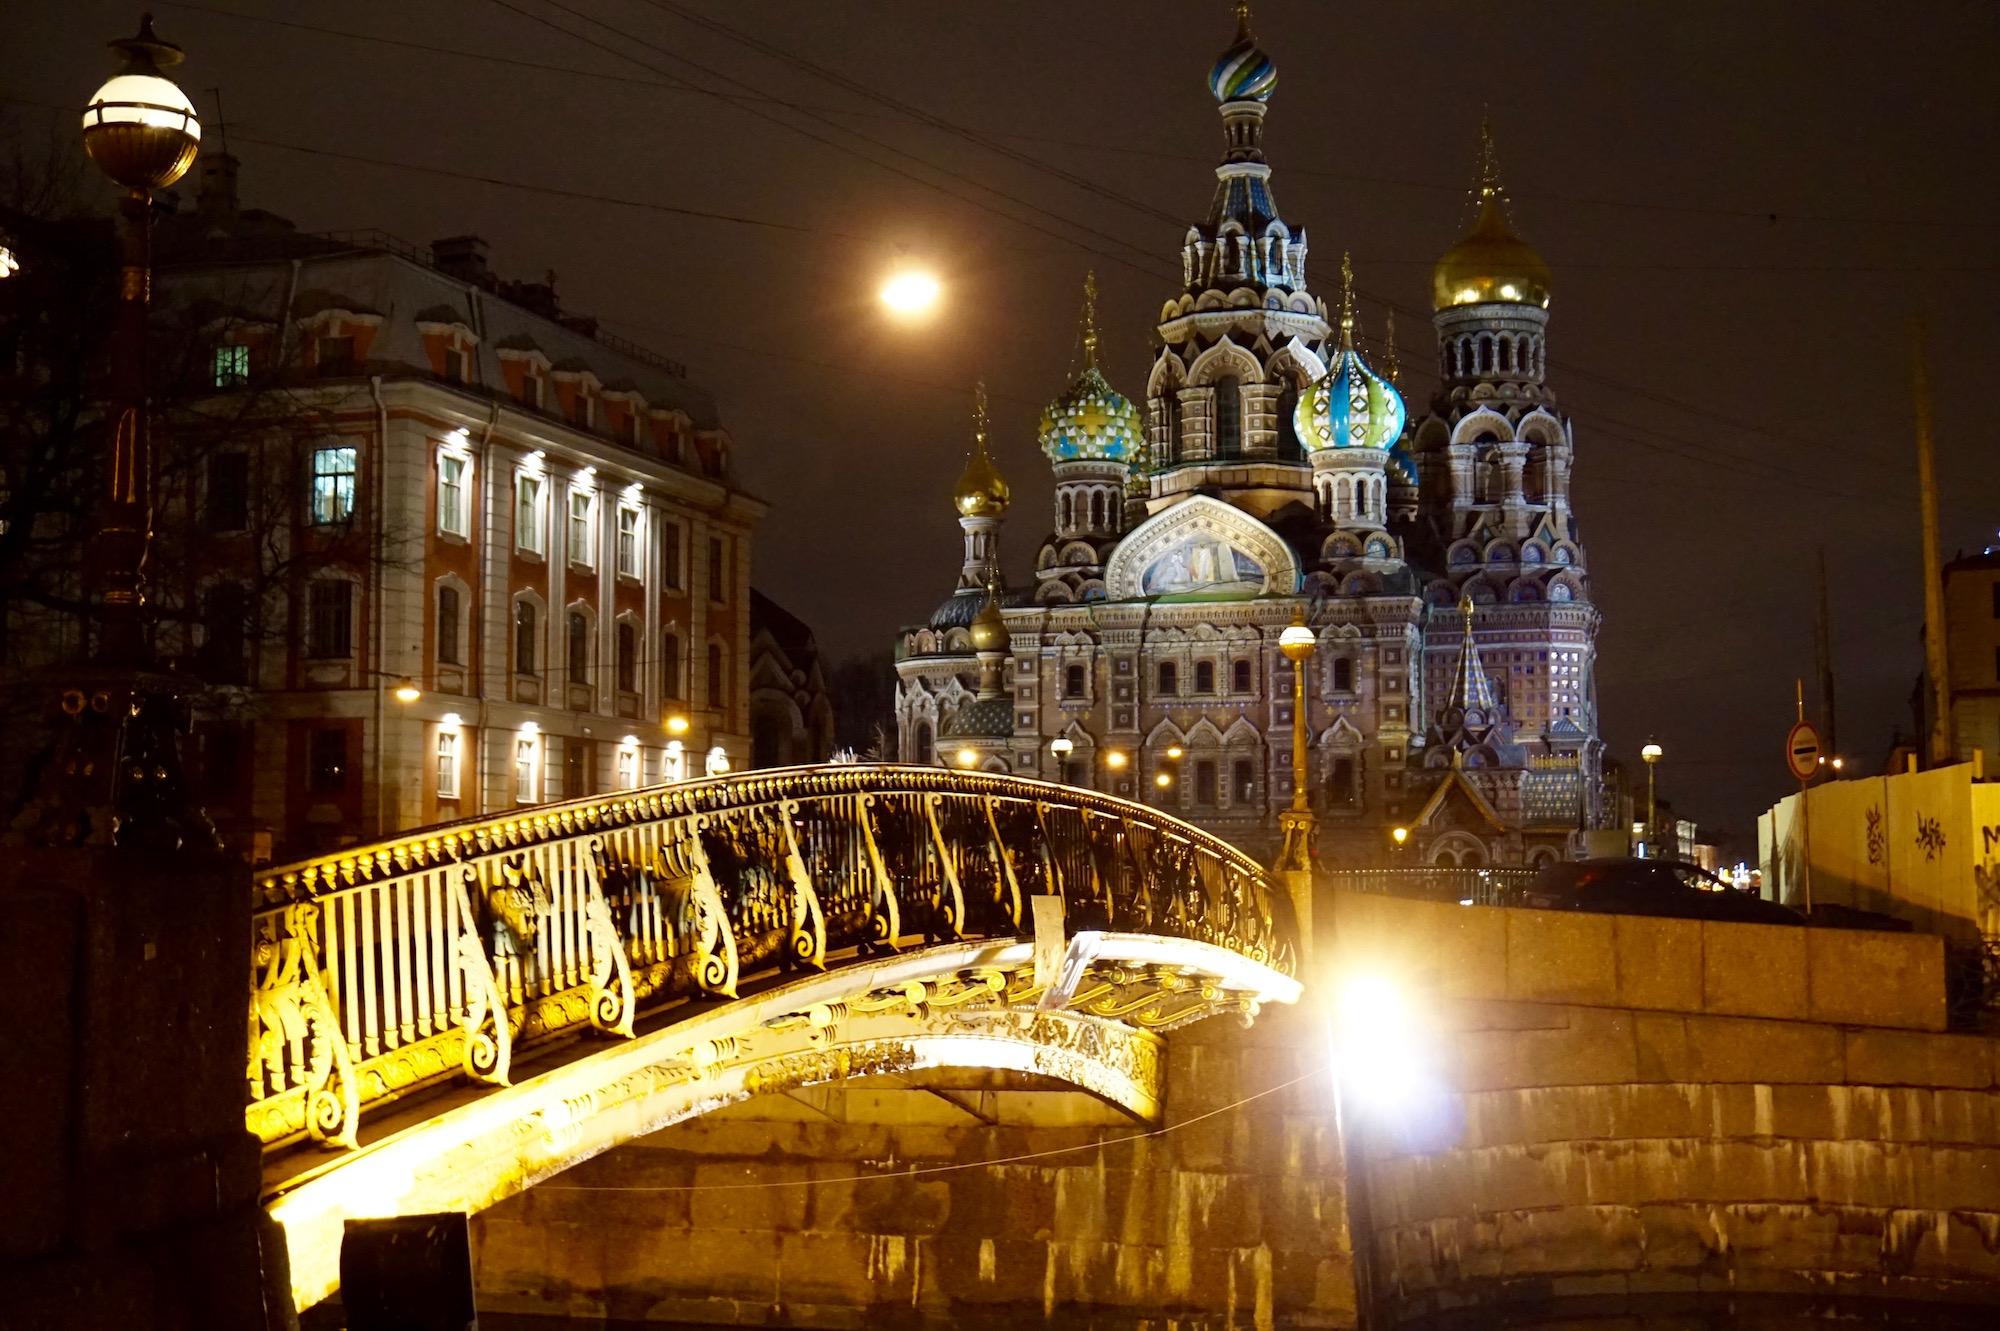 Cathedrale Saint-Sauveur sur le sang verse de nuit Saint-Petersbourg - Russie